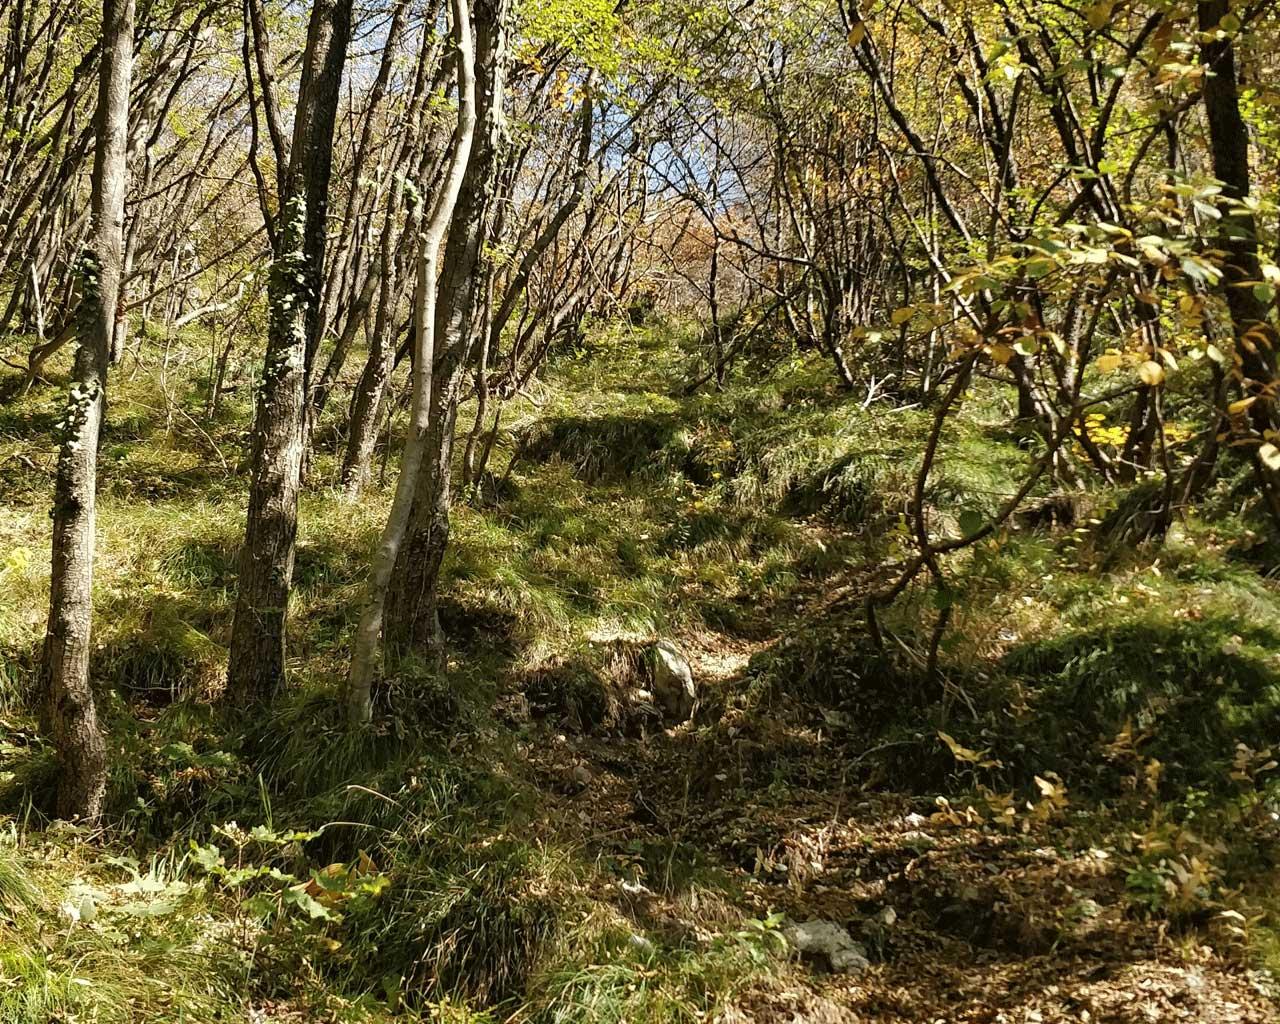 L'erto sentiero della Scodella nell'intrico di alberi che lo circonda